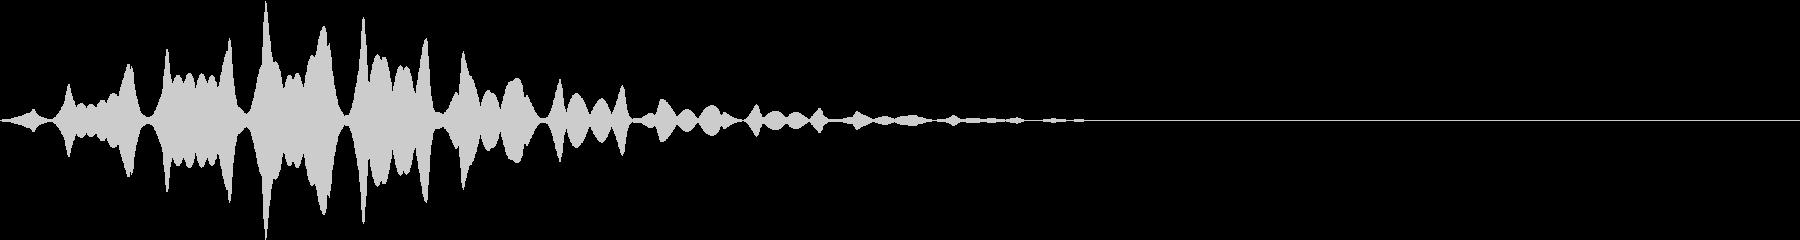 FX 幽霊の効果音 揺れる SE 1の未再生の波形